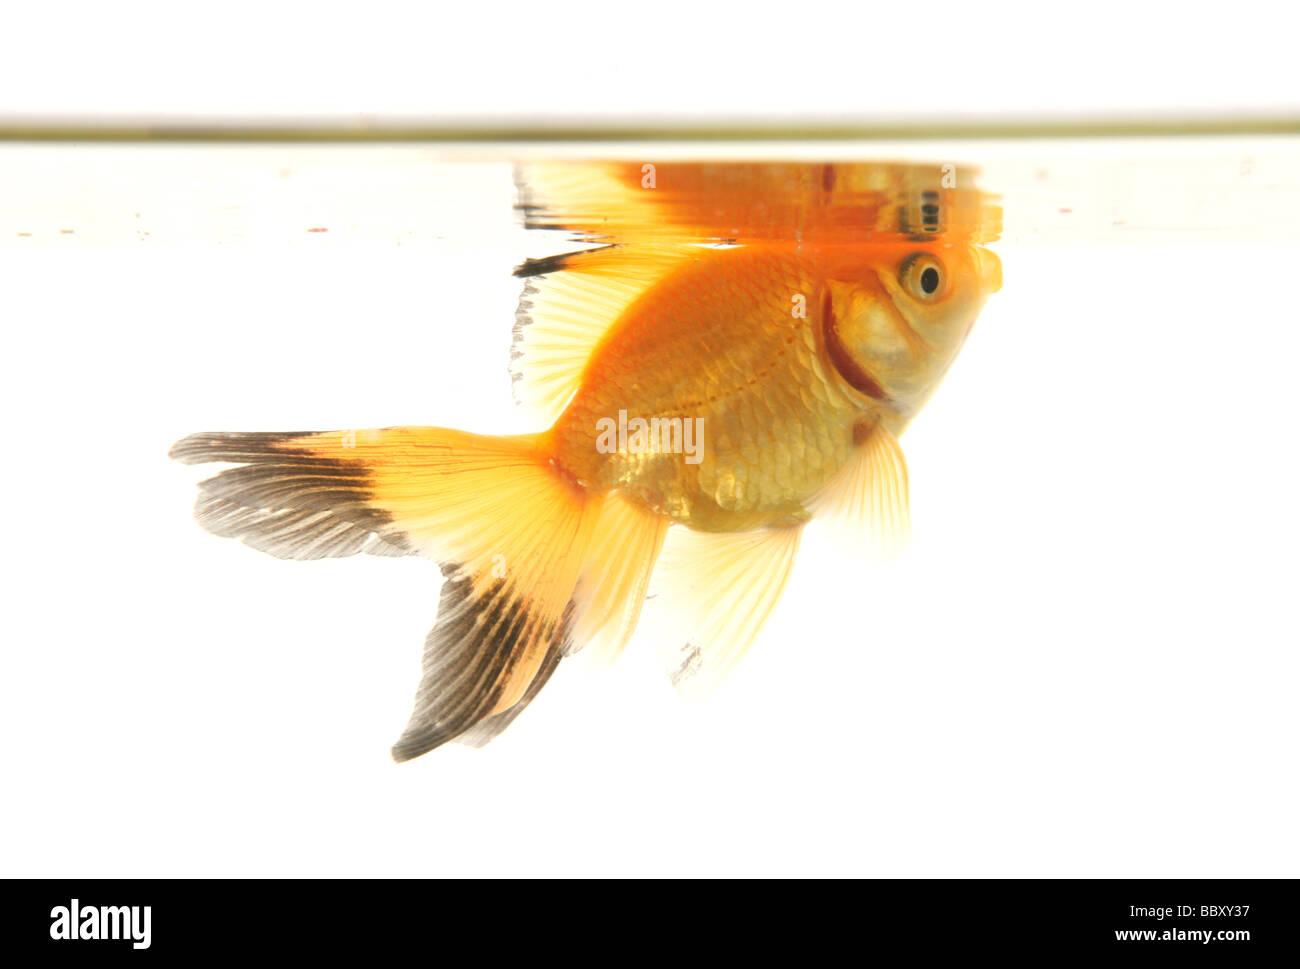 Fantail goldfish cutout portrait studio - Stock Image